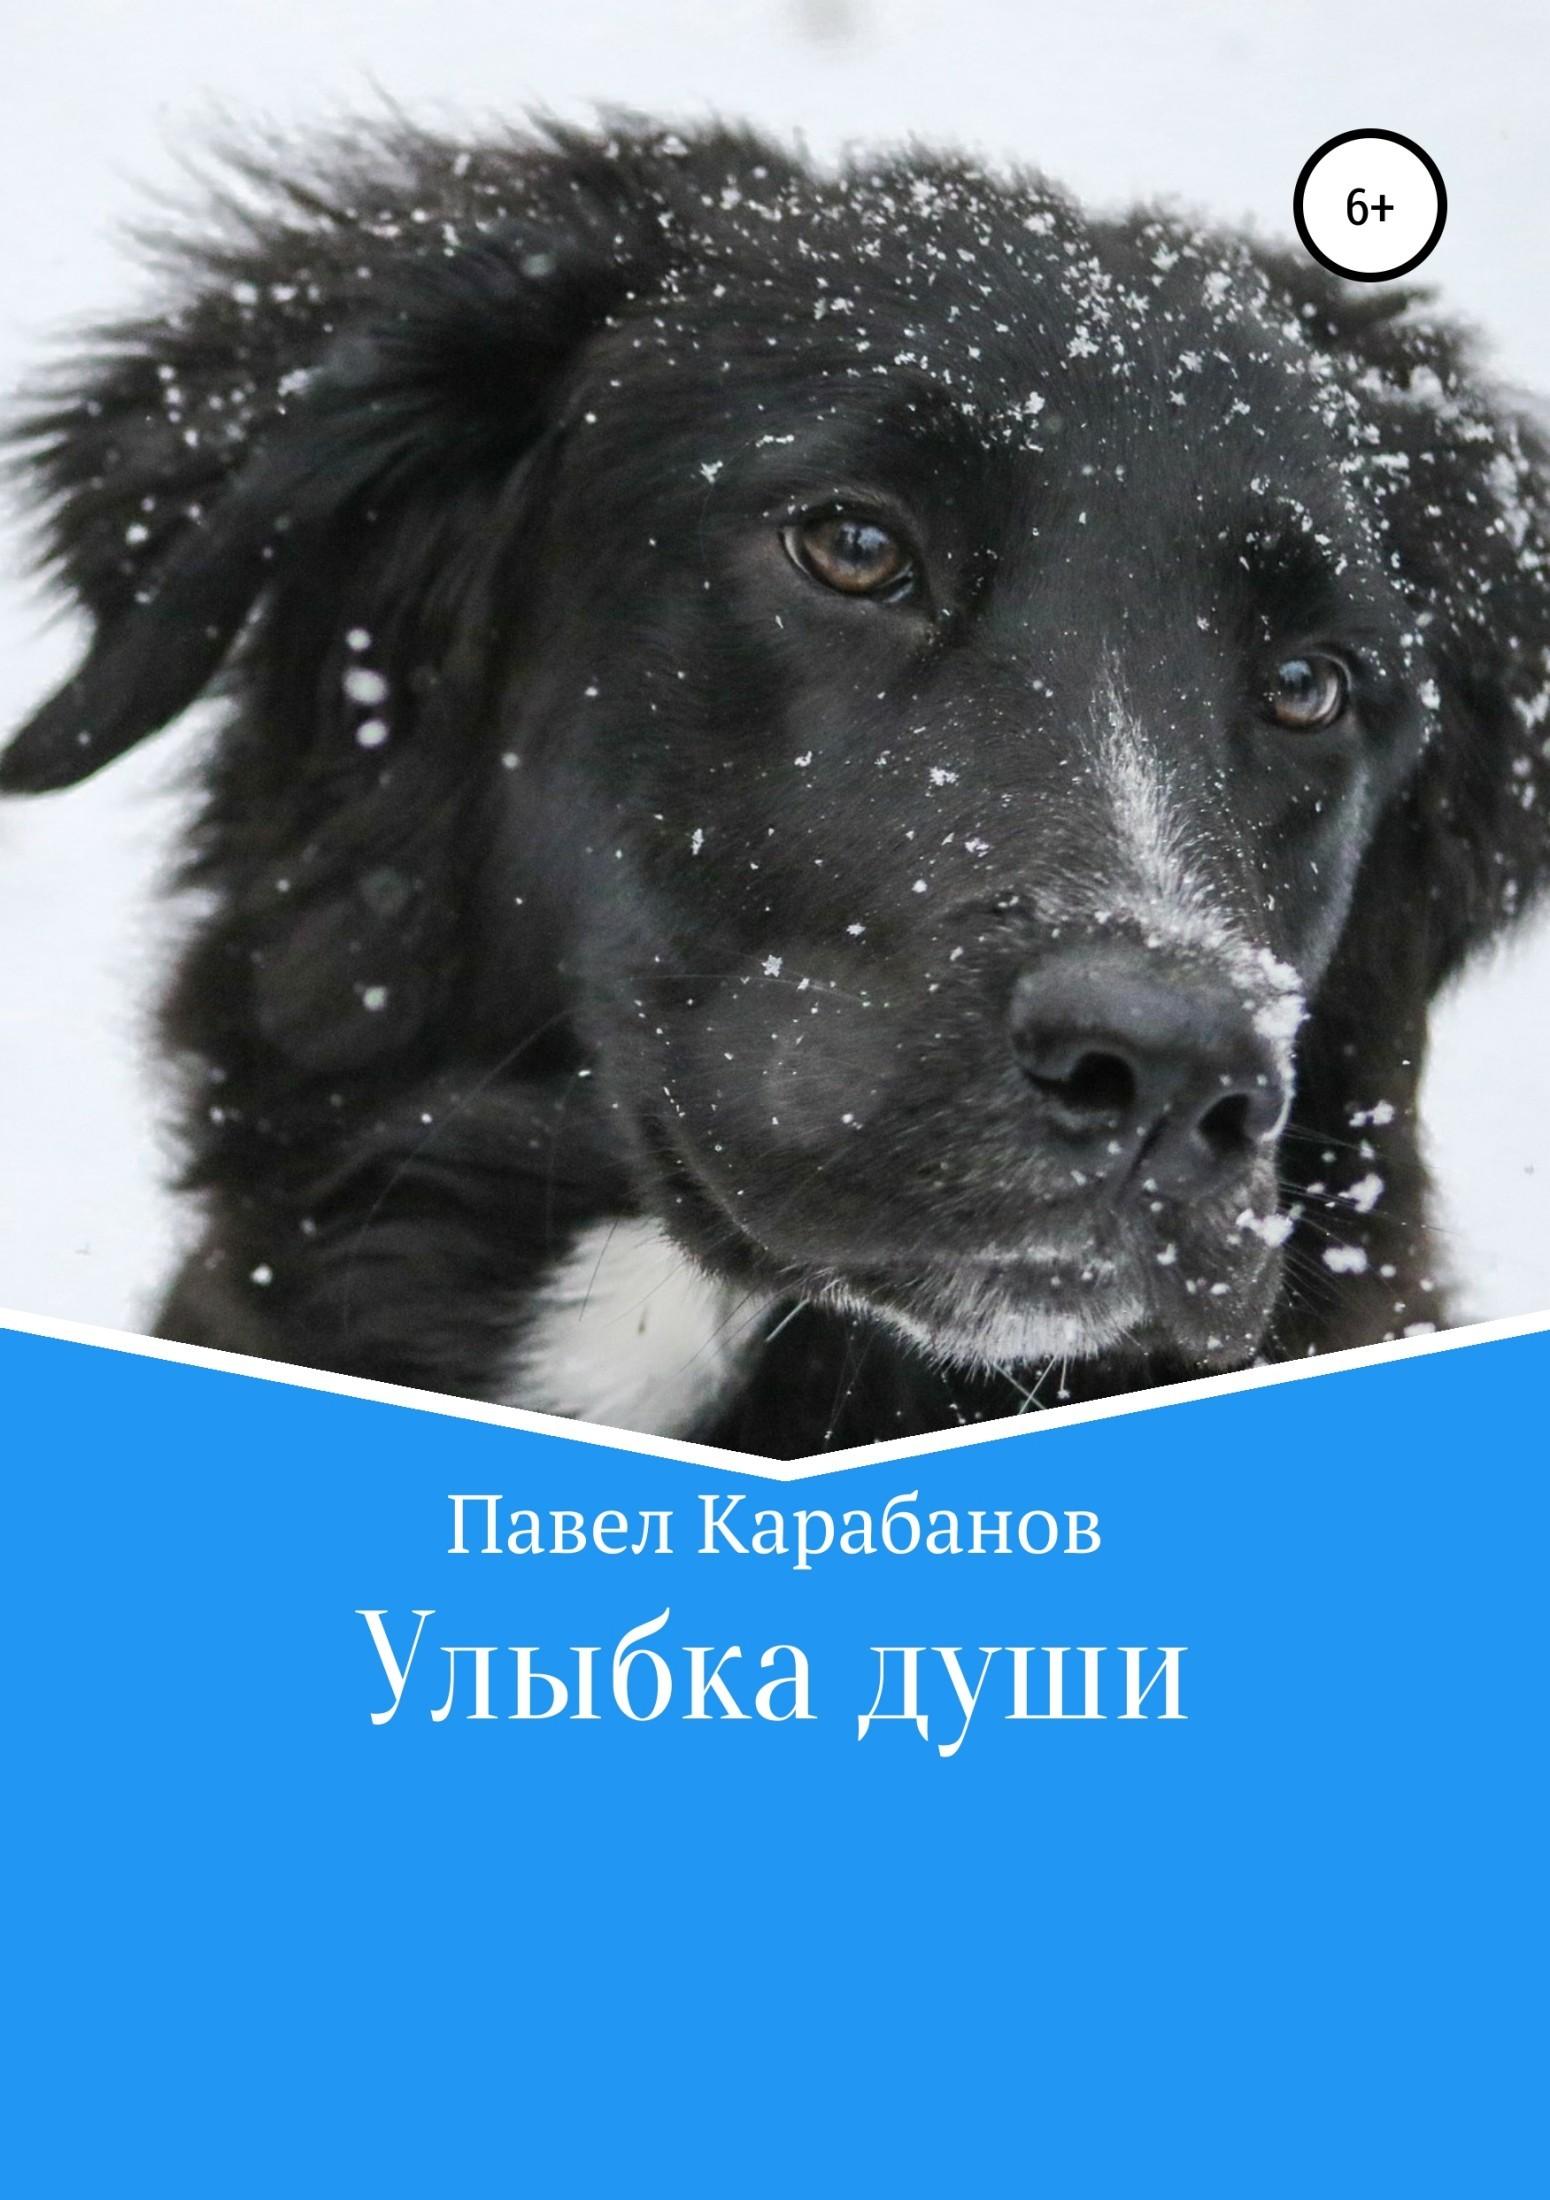 Павел Юрьевич Карабанов Улыбка души